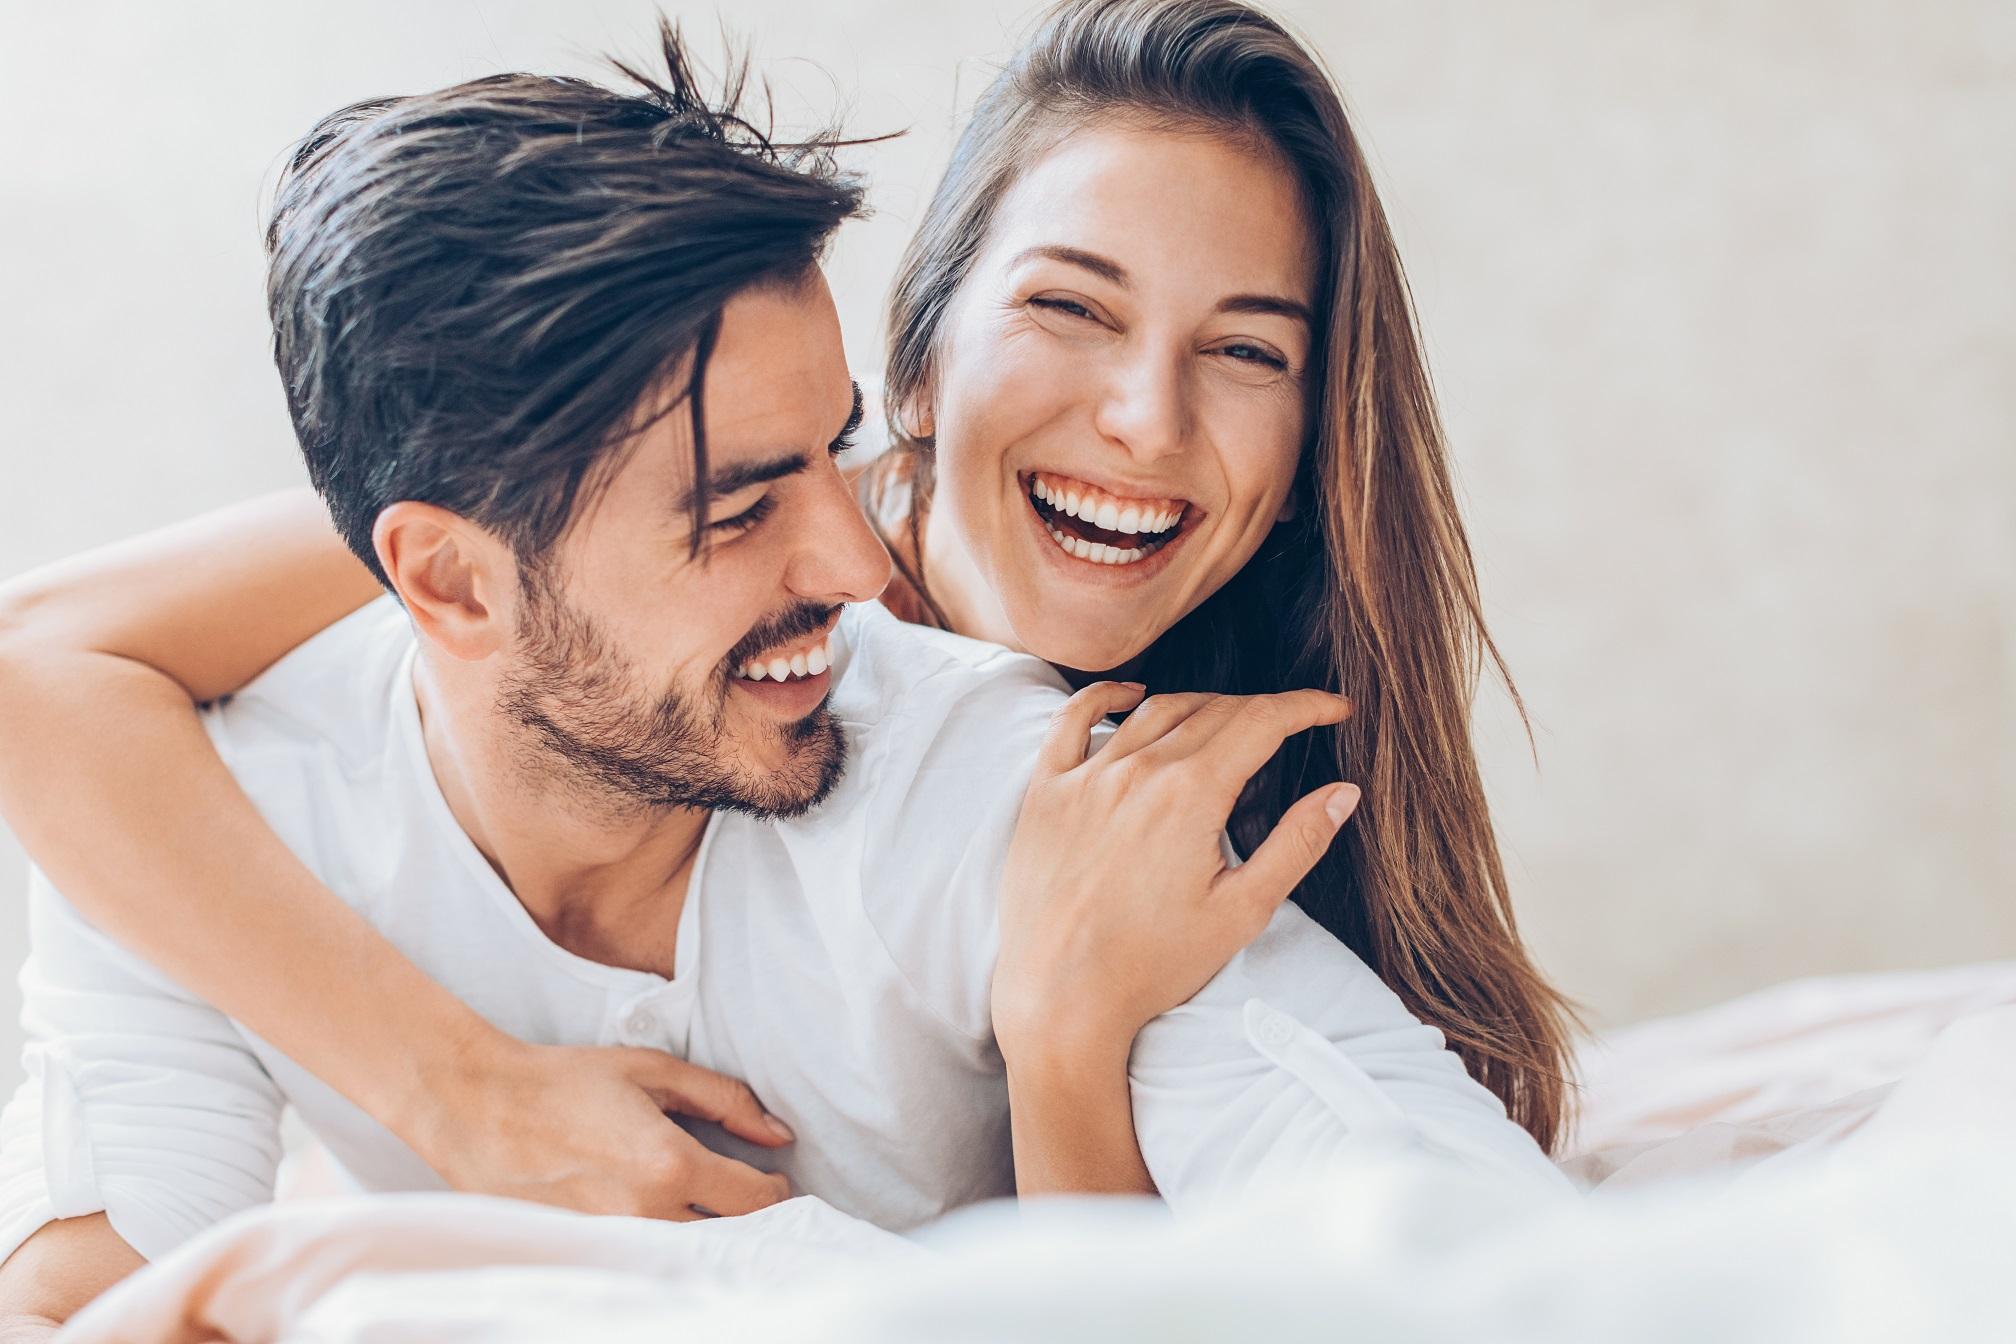 Sex leketøy for å gjøre en kvinne sprute